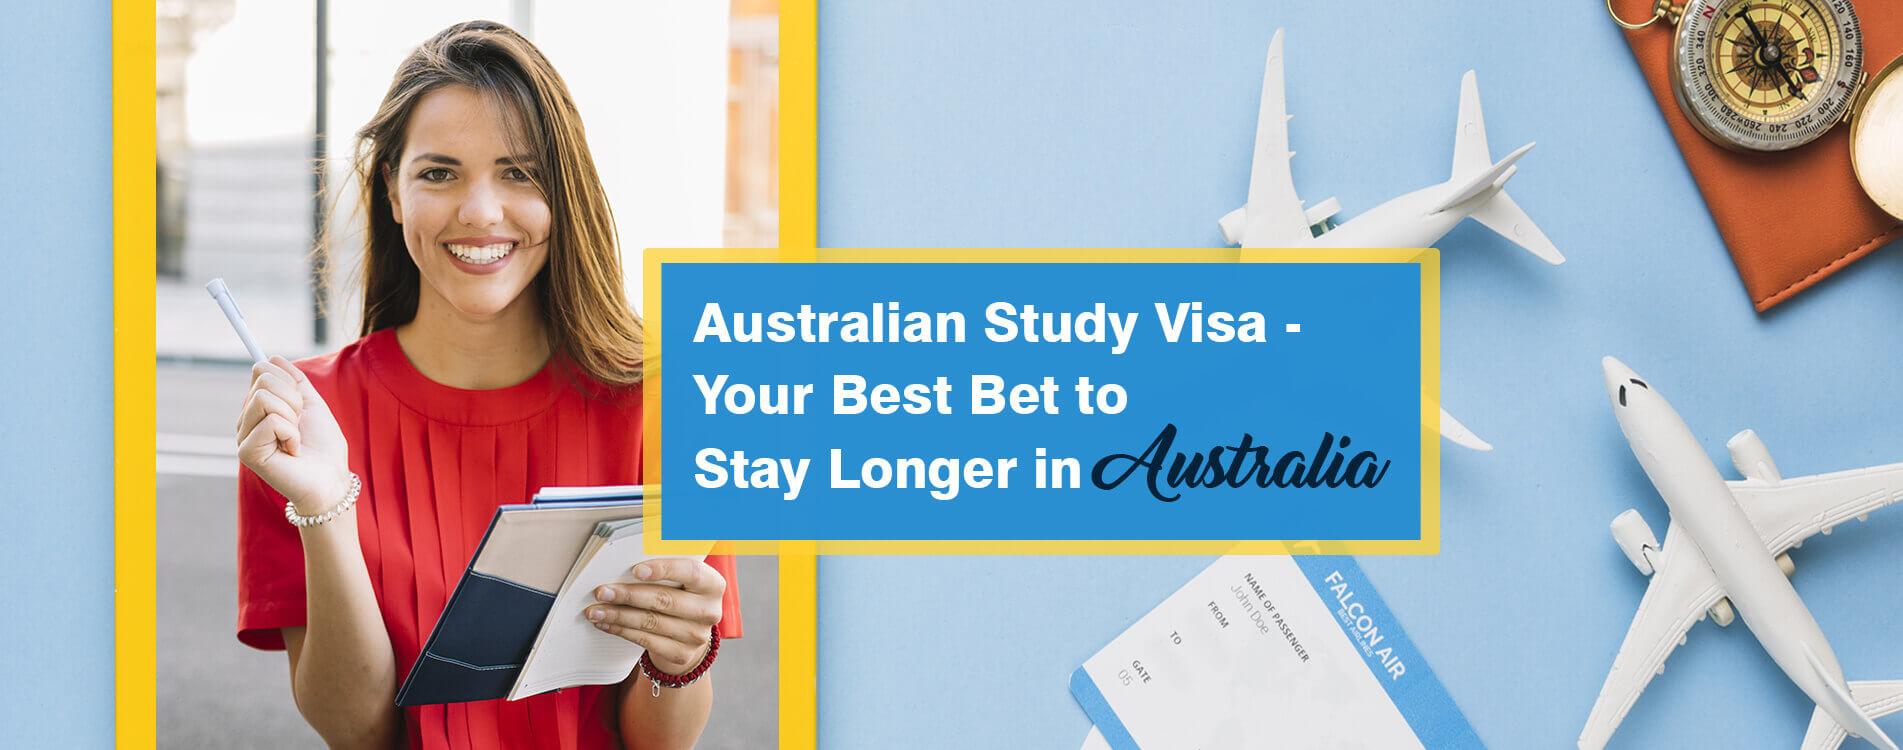 Australian Study Visa - Your Best Bet to Stay Longer in Australia